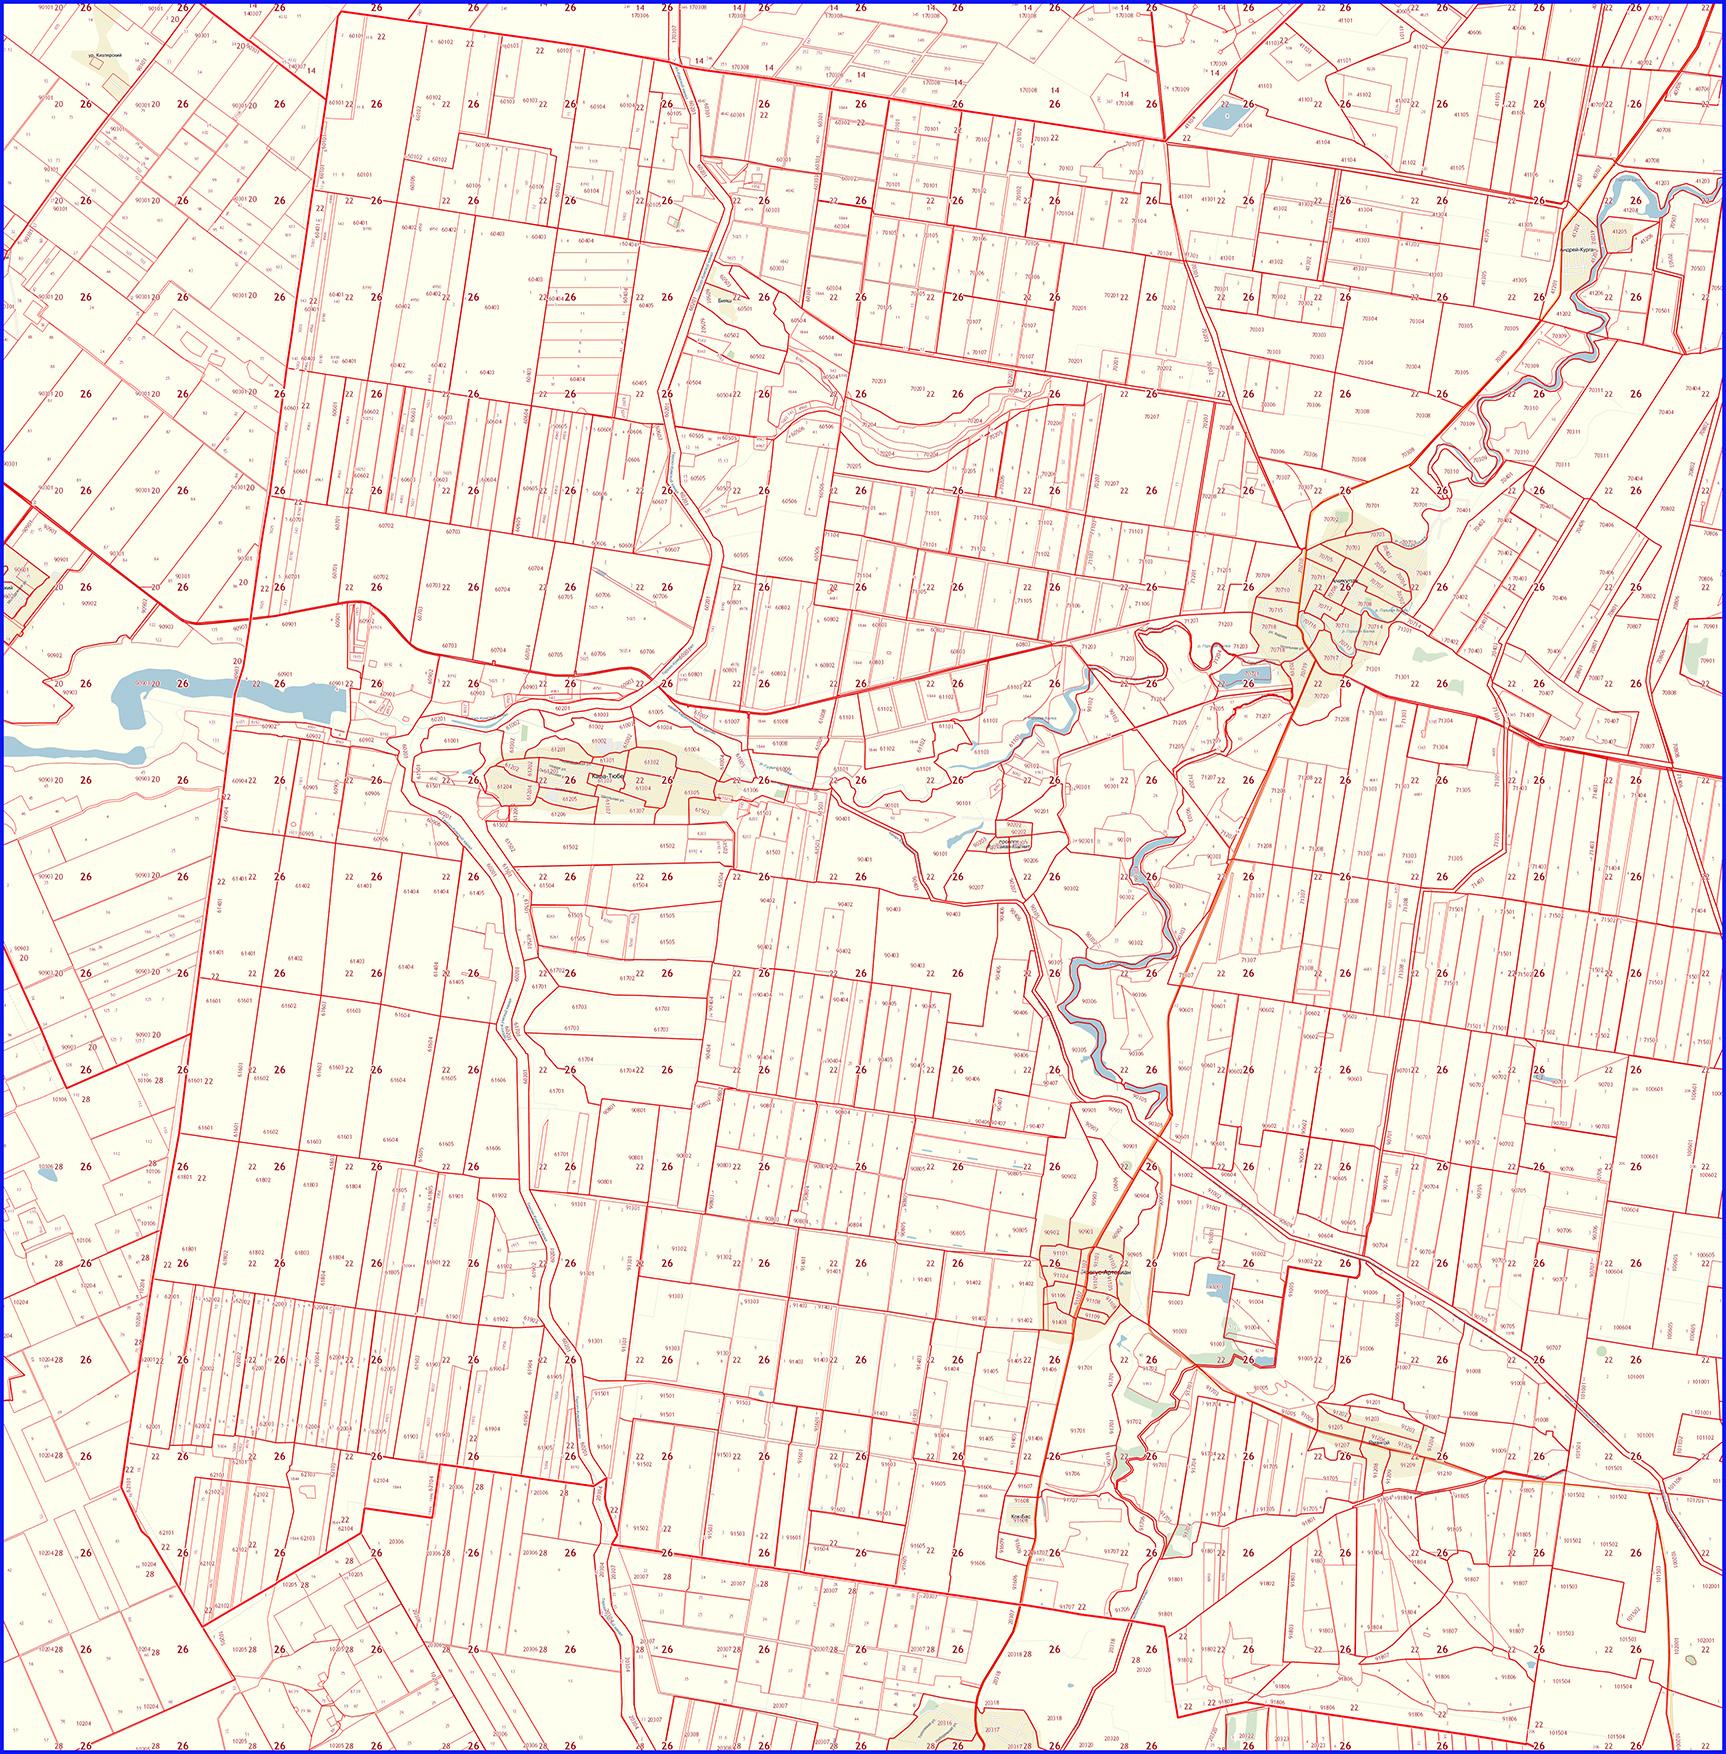 Кадастровая карта района Новкус Артезиан